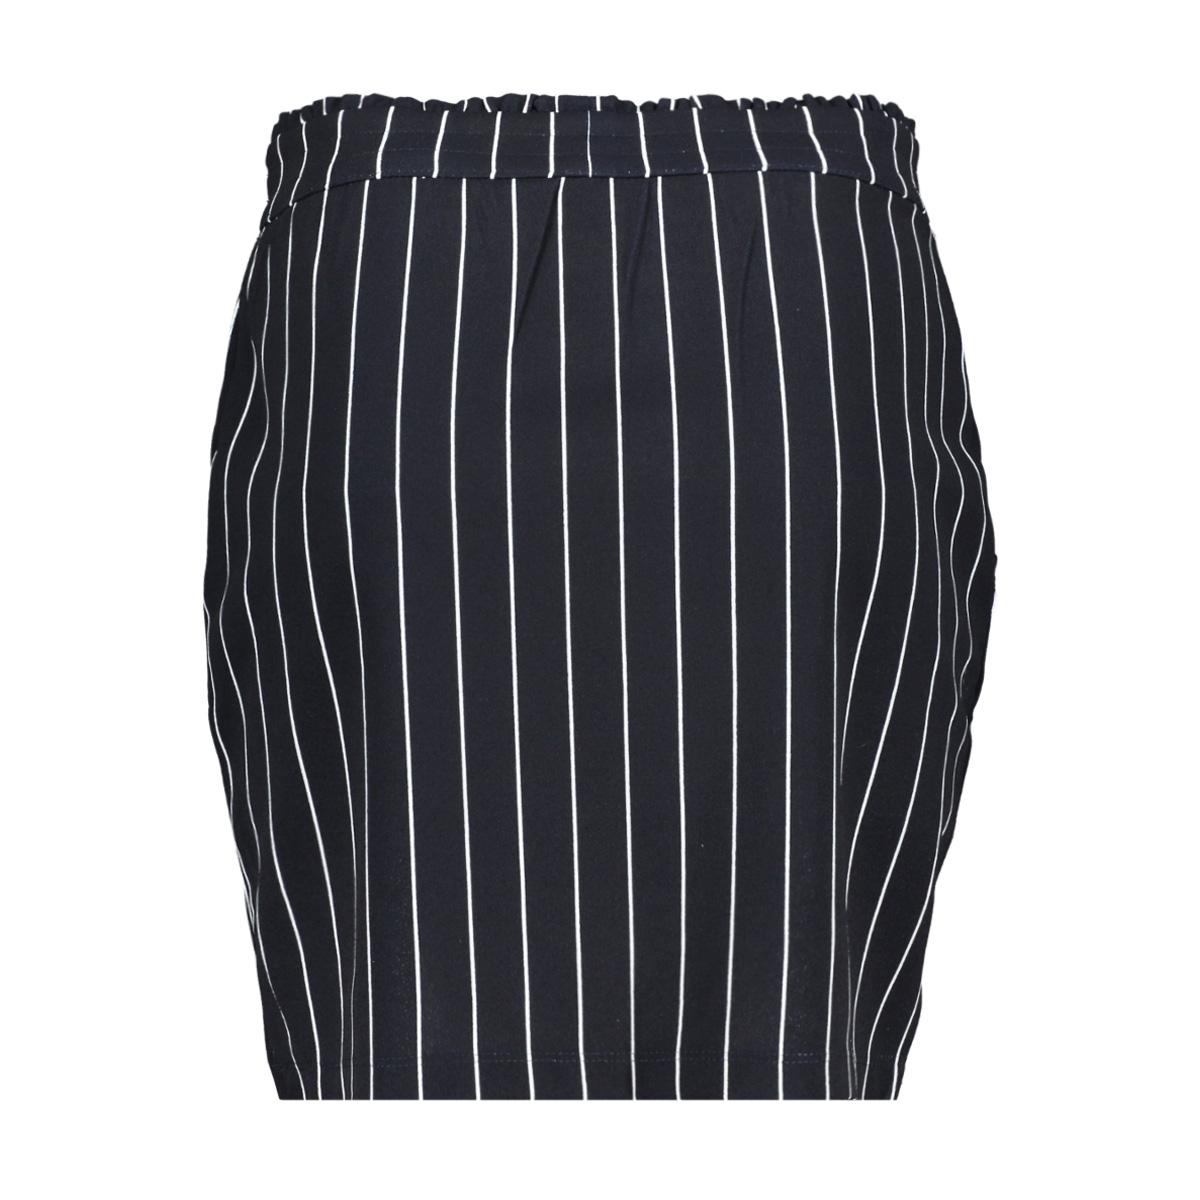 jdycatia treats aop skirt jrs 15177203 jacqueline de yong rok sky captain/stripes